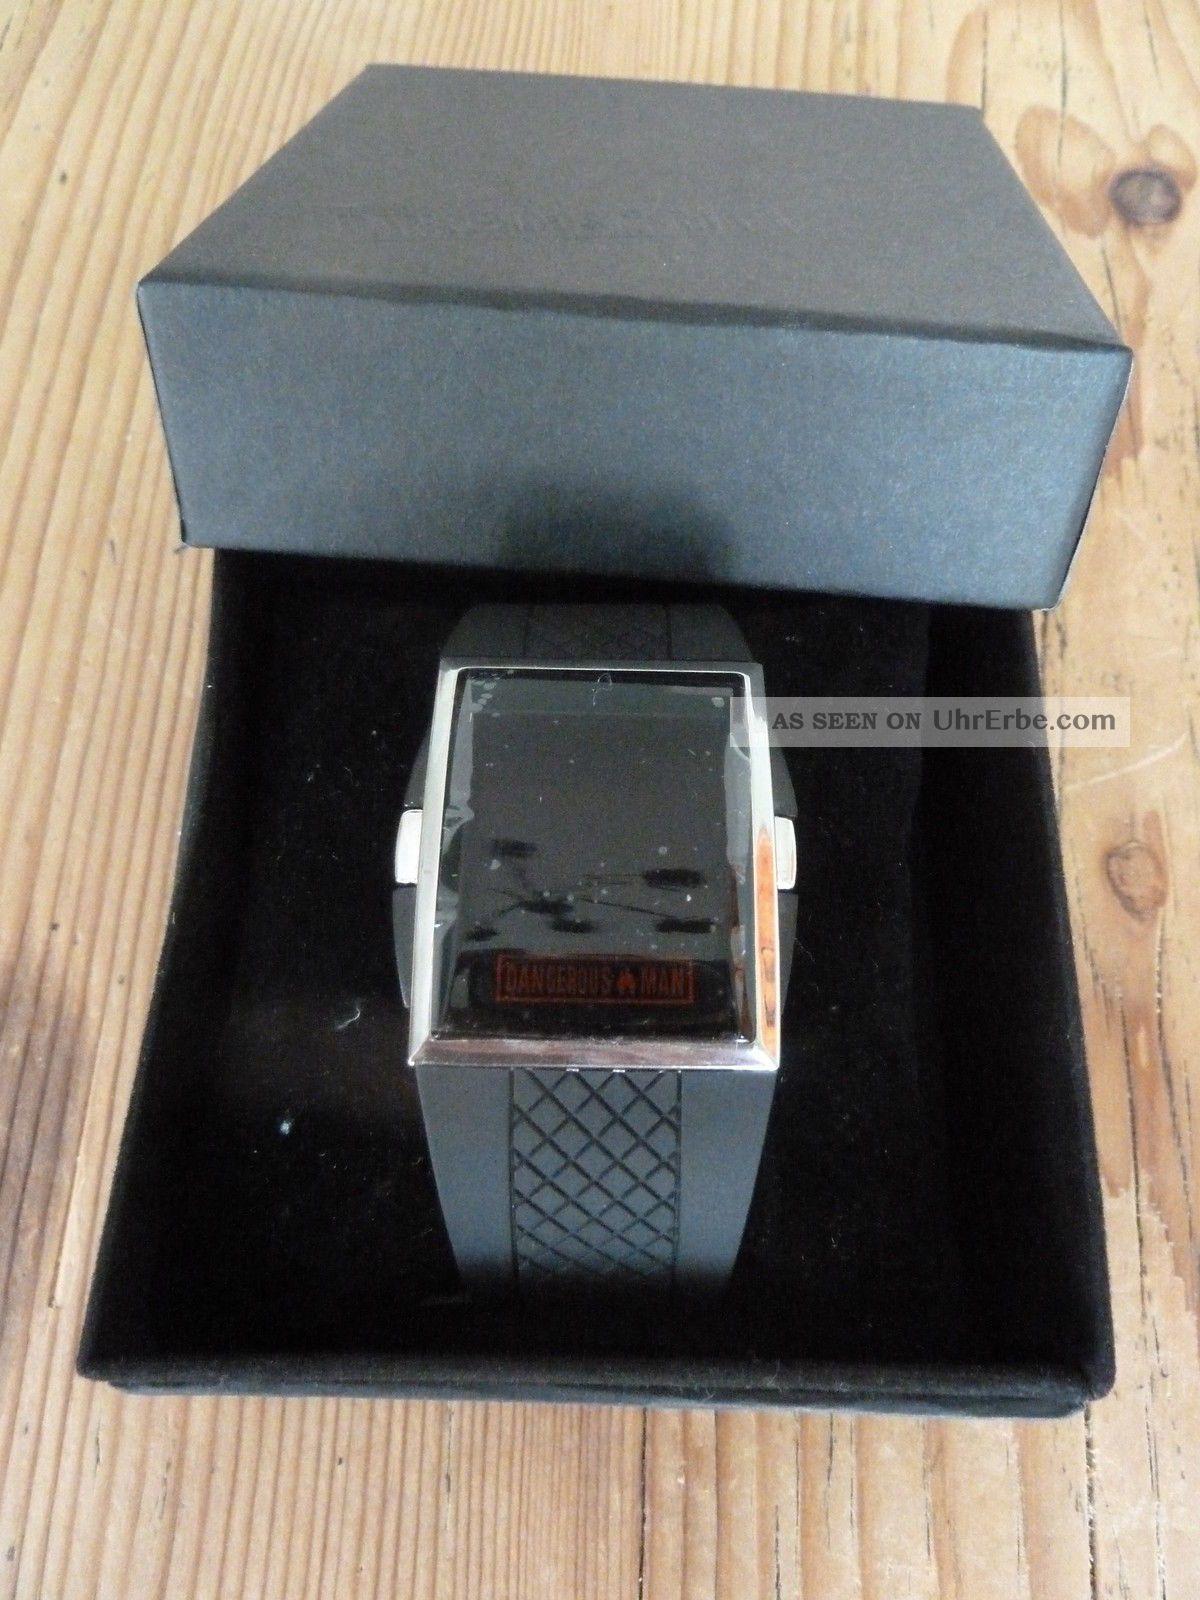 Bruno Banani Dangerous Man Herrenuhr Armbanduhr - Led Anzeige Armbanduhren Bild